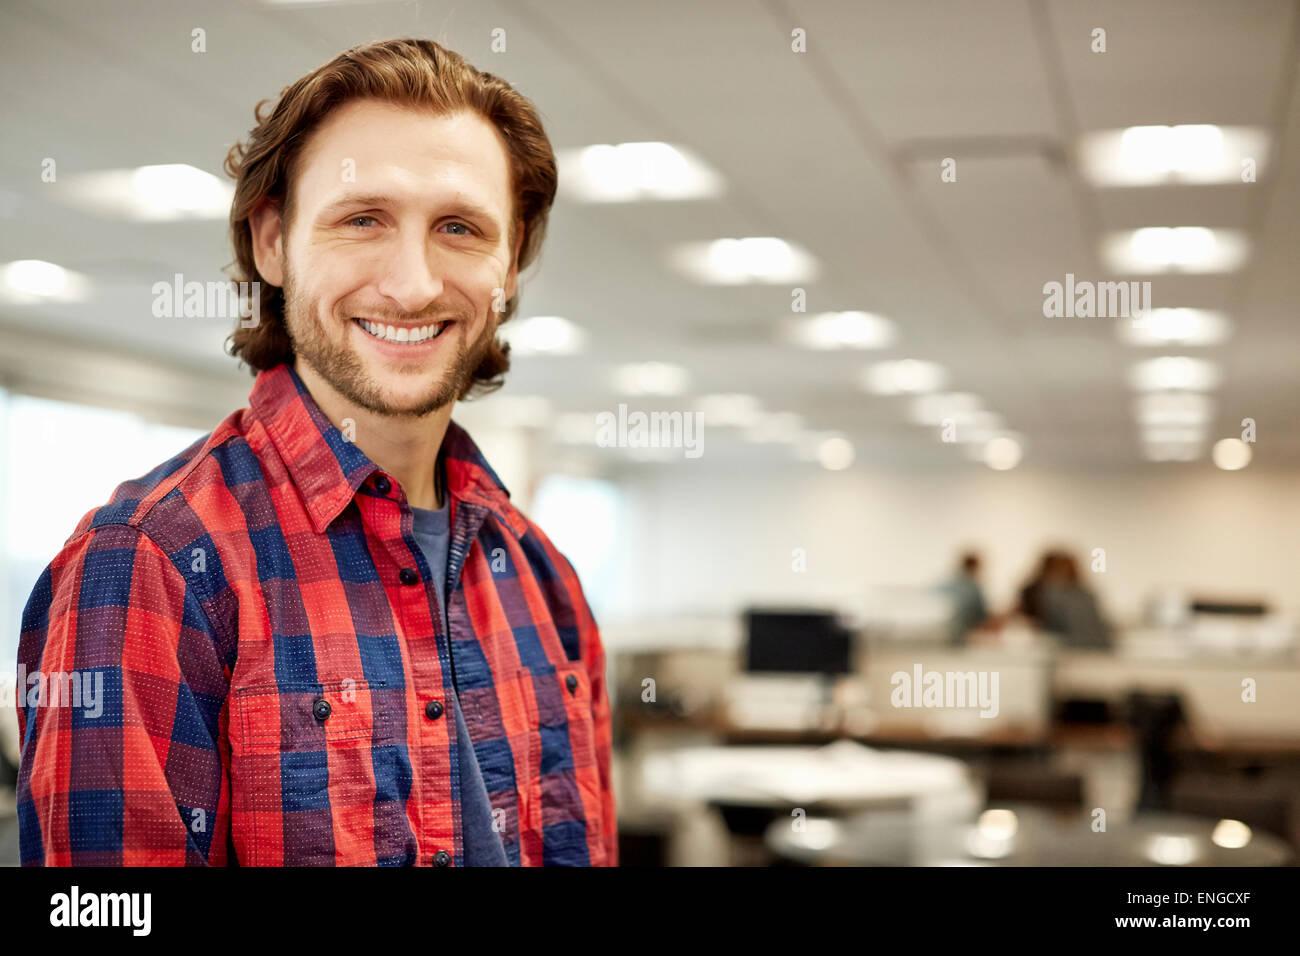 Ein gut aussehender Mann trägt ein kariertes Hemd in einem großen offenen Büro. Stockbild